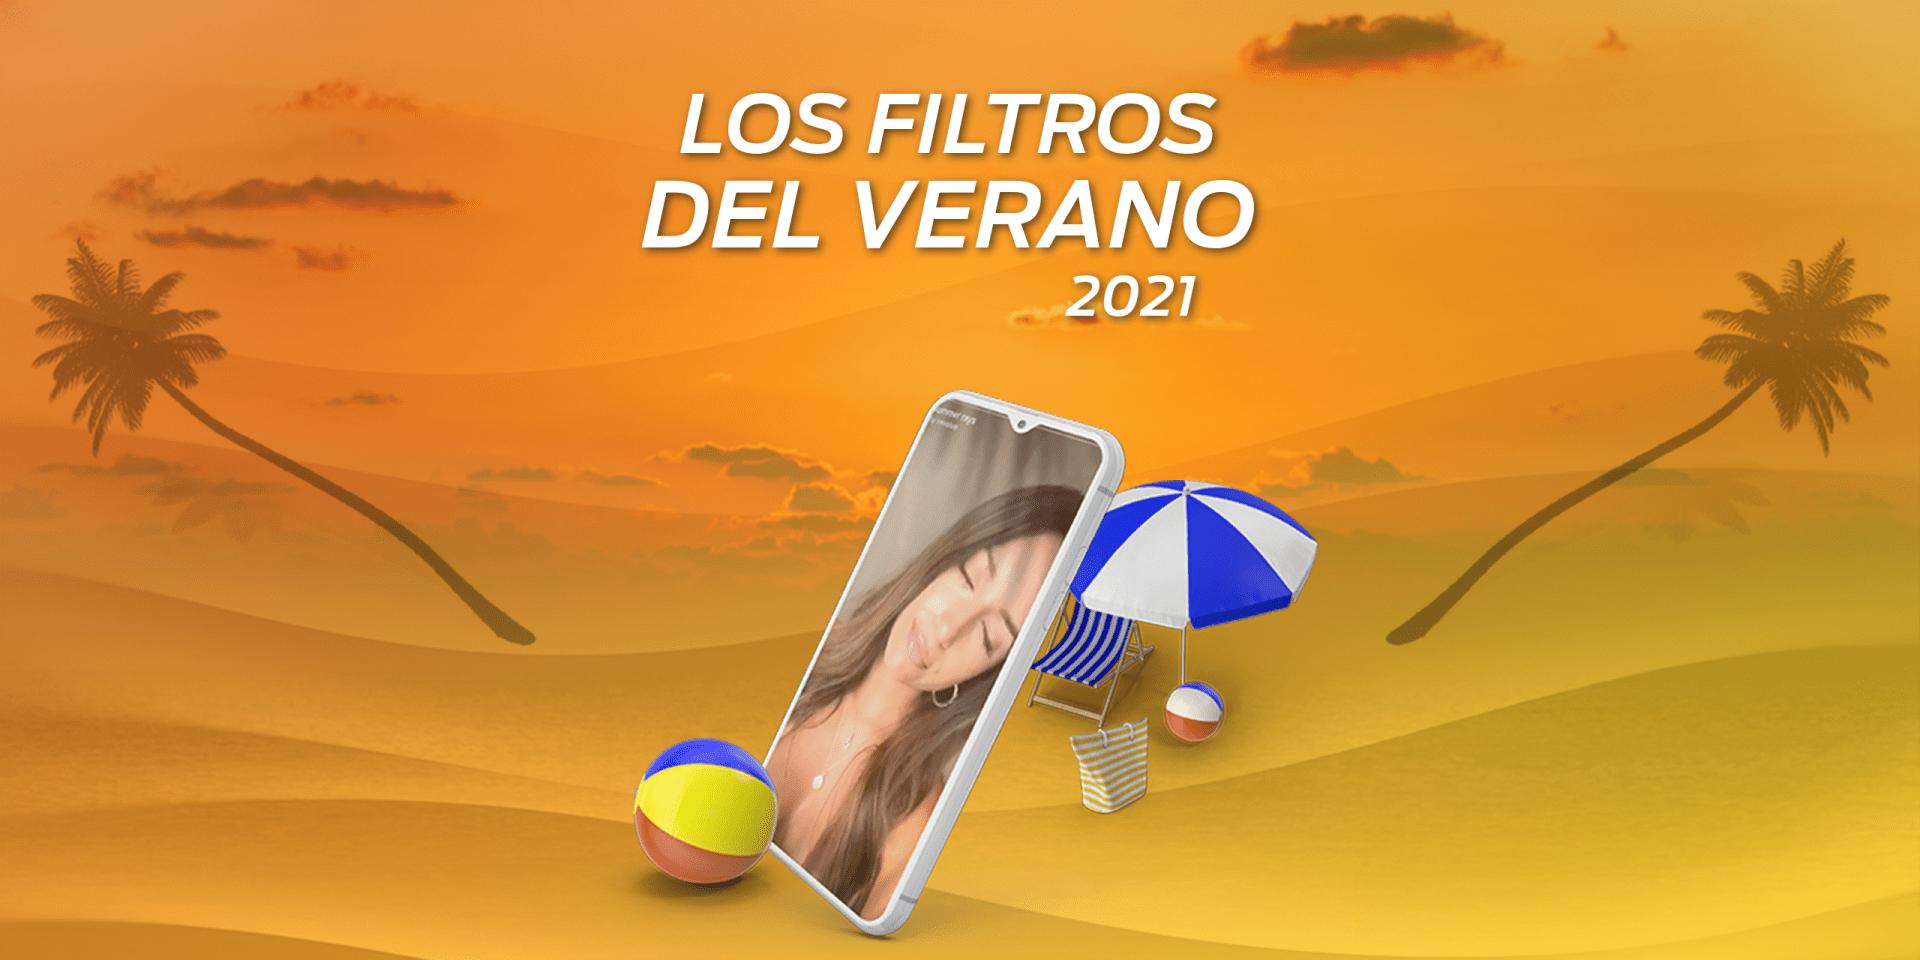 Los filtros de Instagram del verano 2021